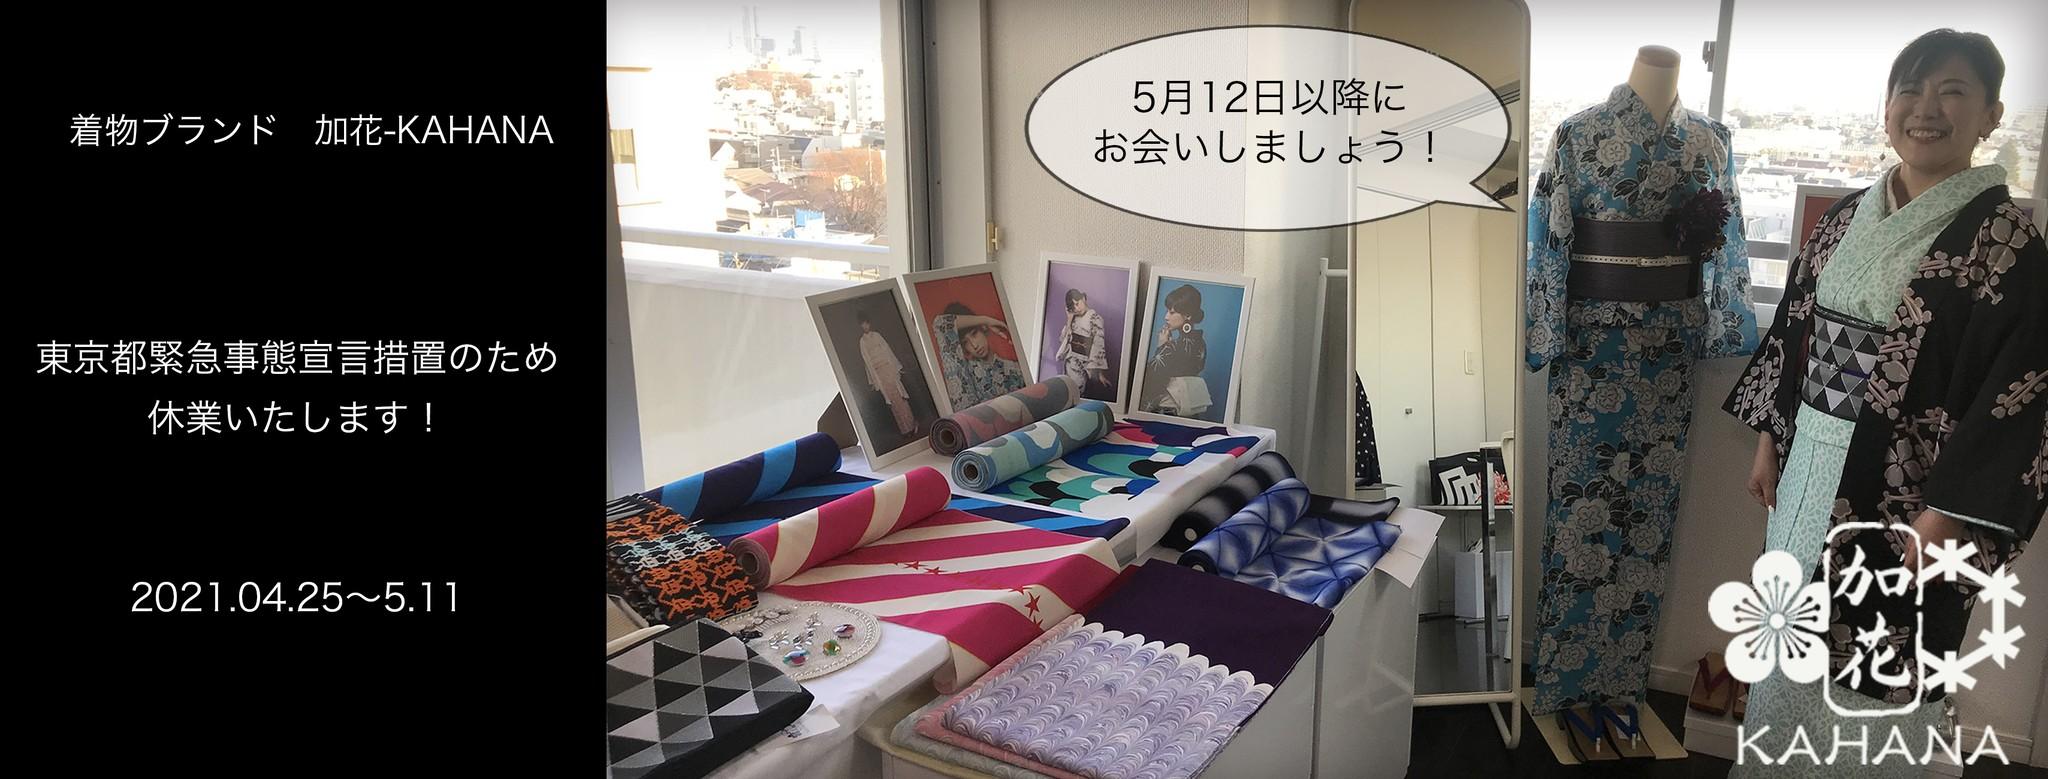 お知らせ:東京都の緊急事態宣言により休業いたします